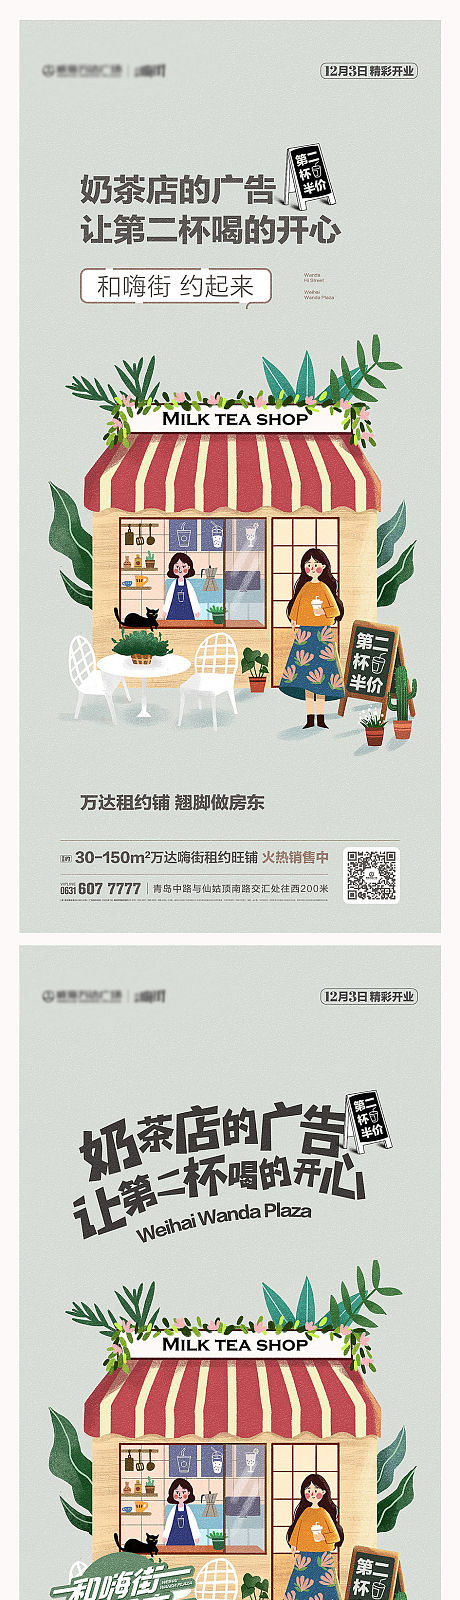 地产商铺商店奶茶微信插画海报-源文件